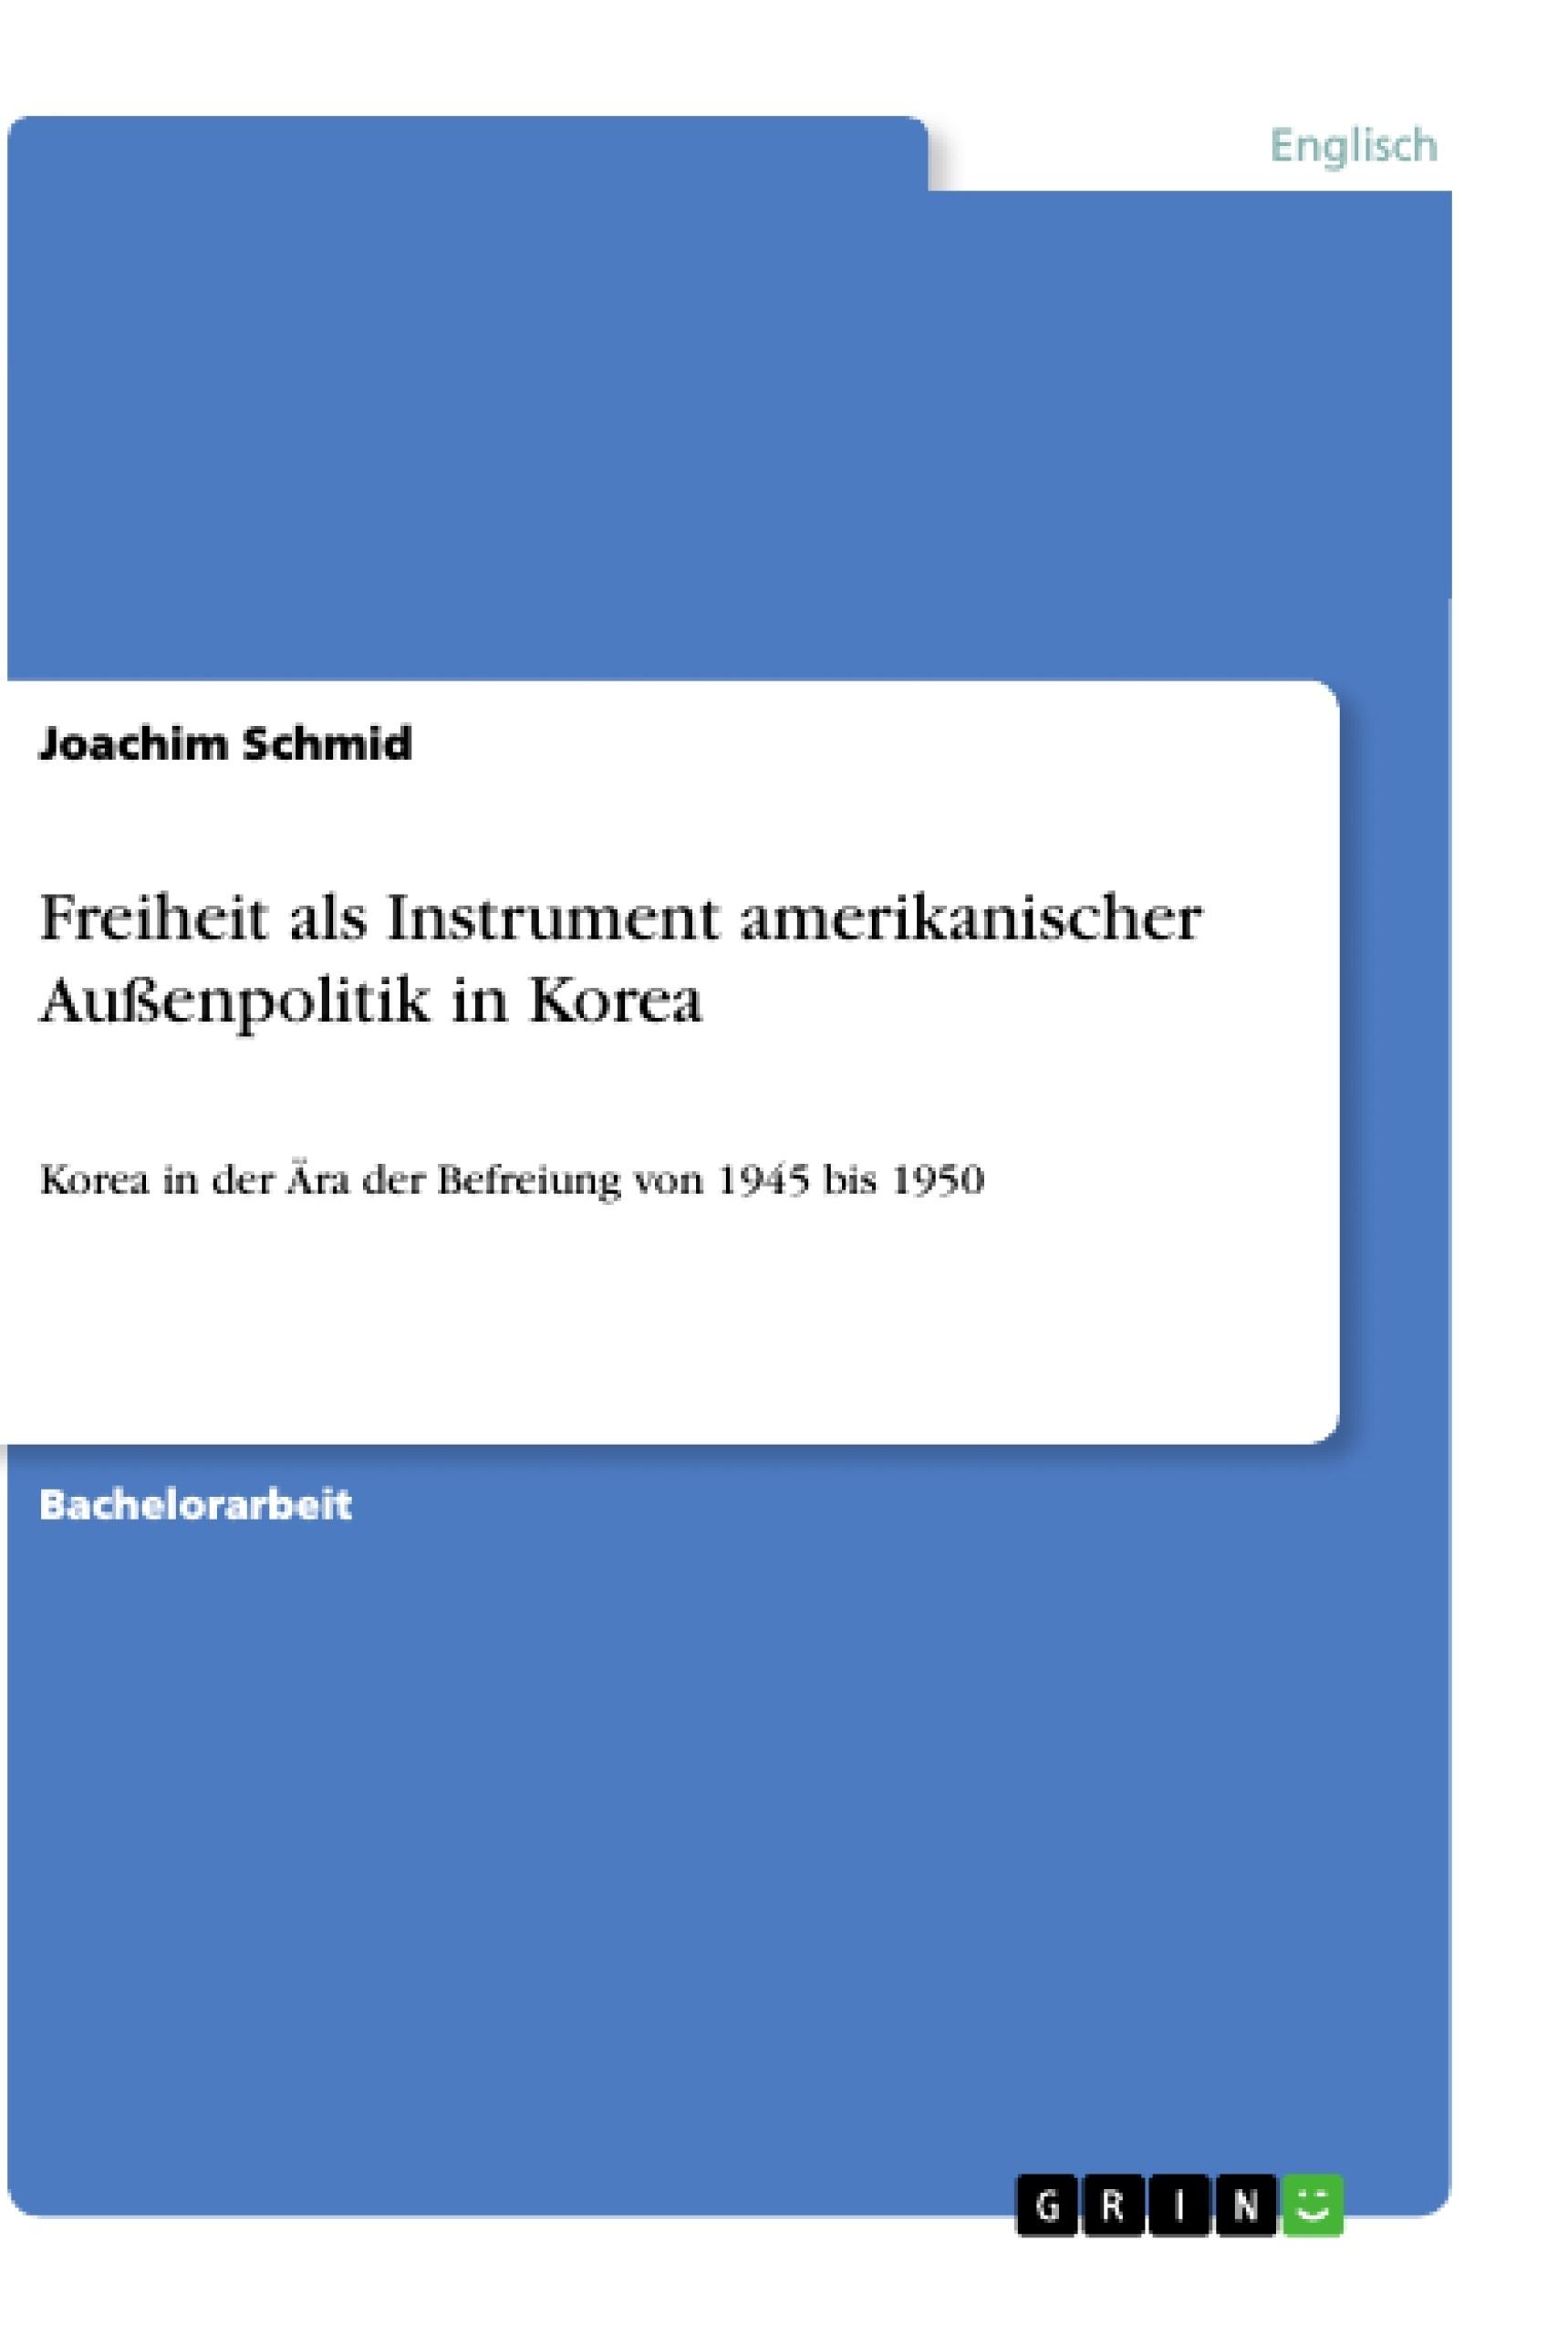 Titel: Freiheit als Instrument amerikanischer Außenpolitik in Korea